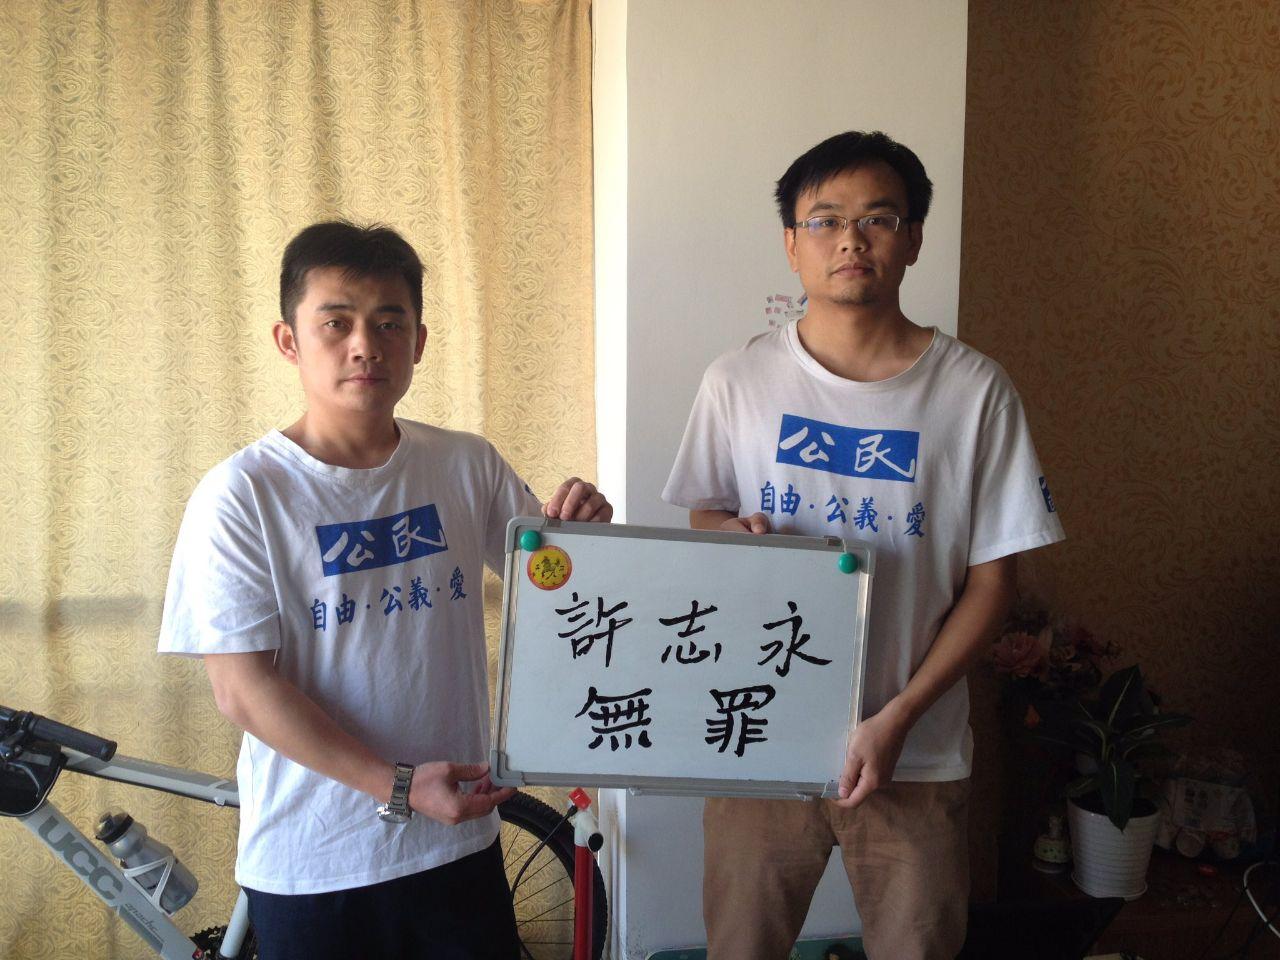 歐彪峰(左)長期關注社會民生,發布人權消息,聲援被捕人士。(陳思明獨家提供 / 拍攝日期不詳)